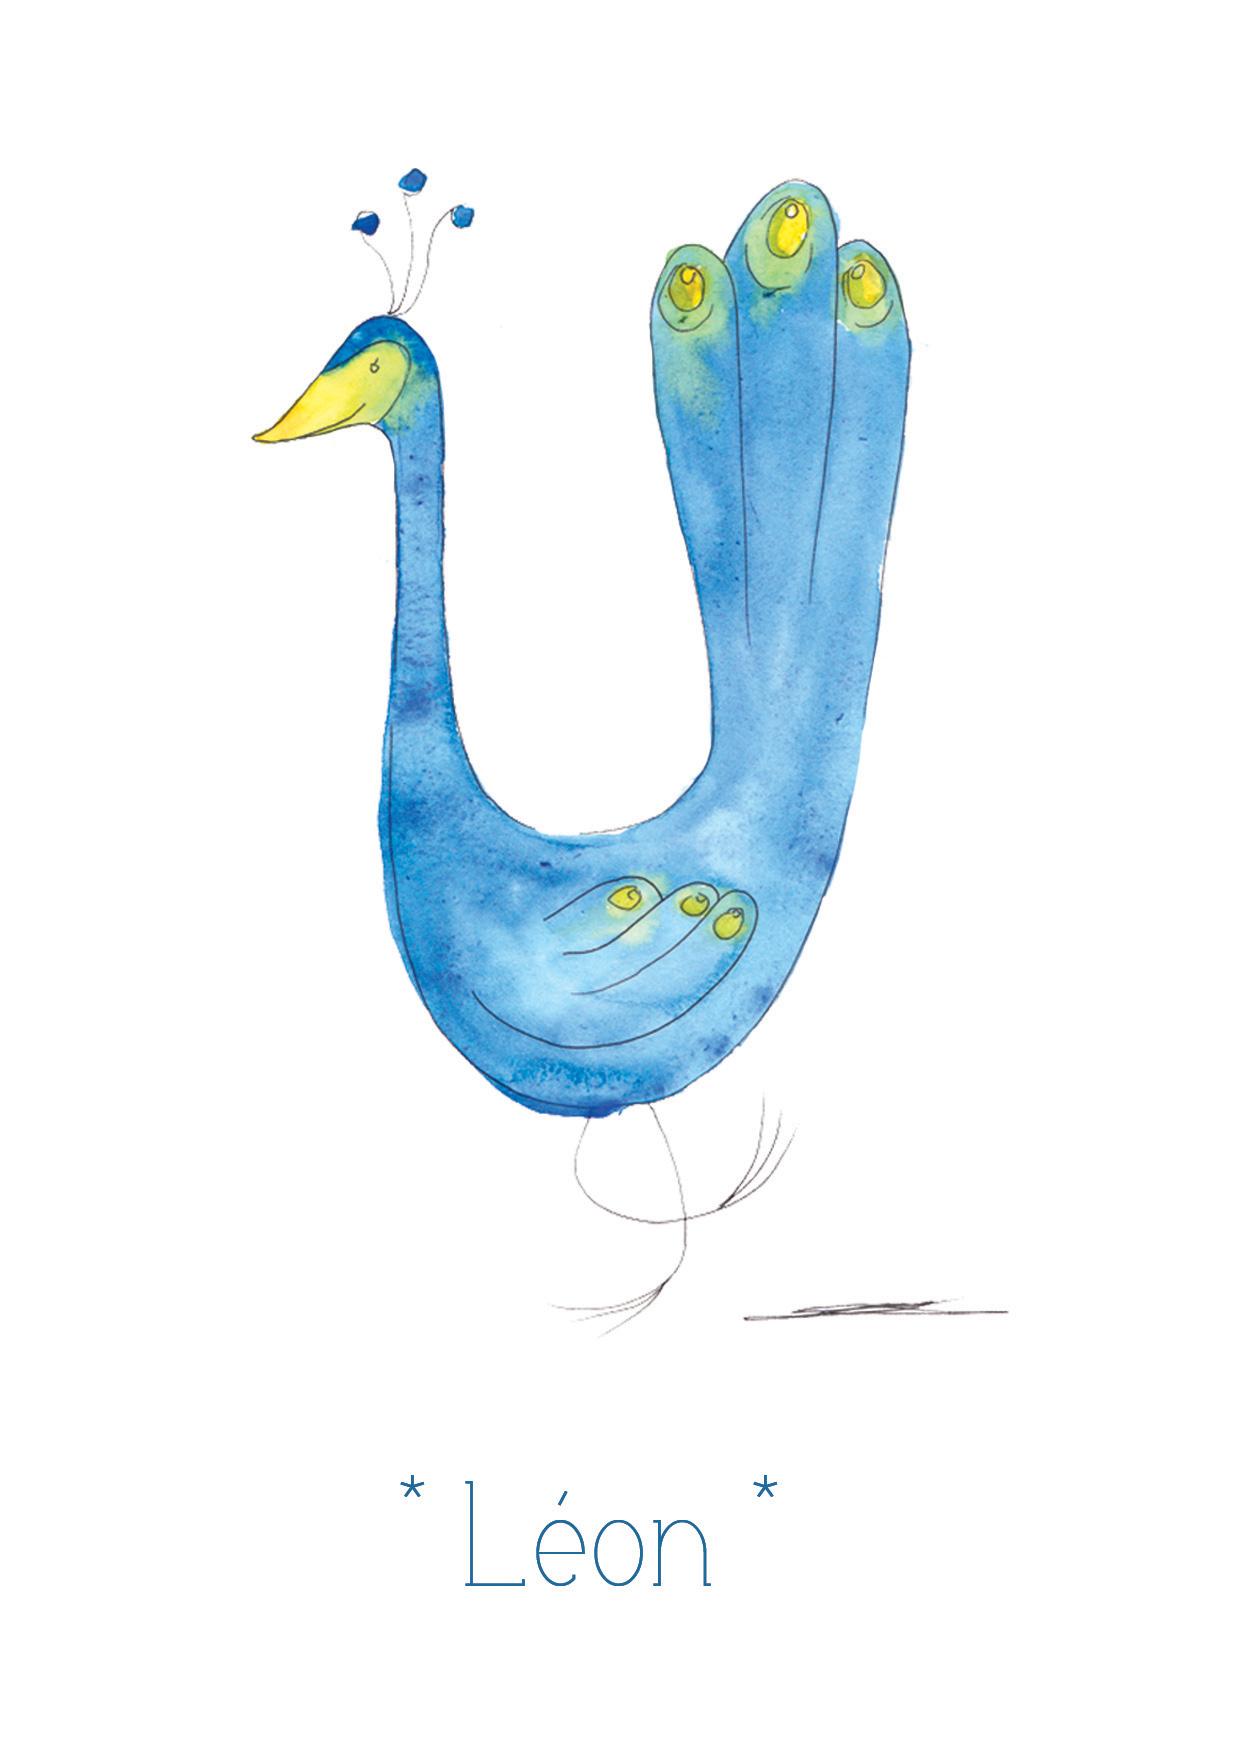 FairePart_naissance_LEON_KaroPauwels_illustration